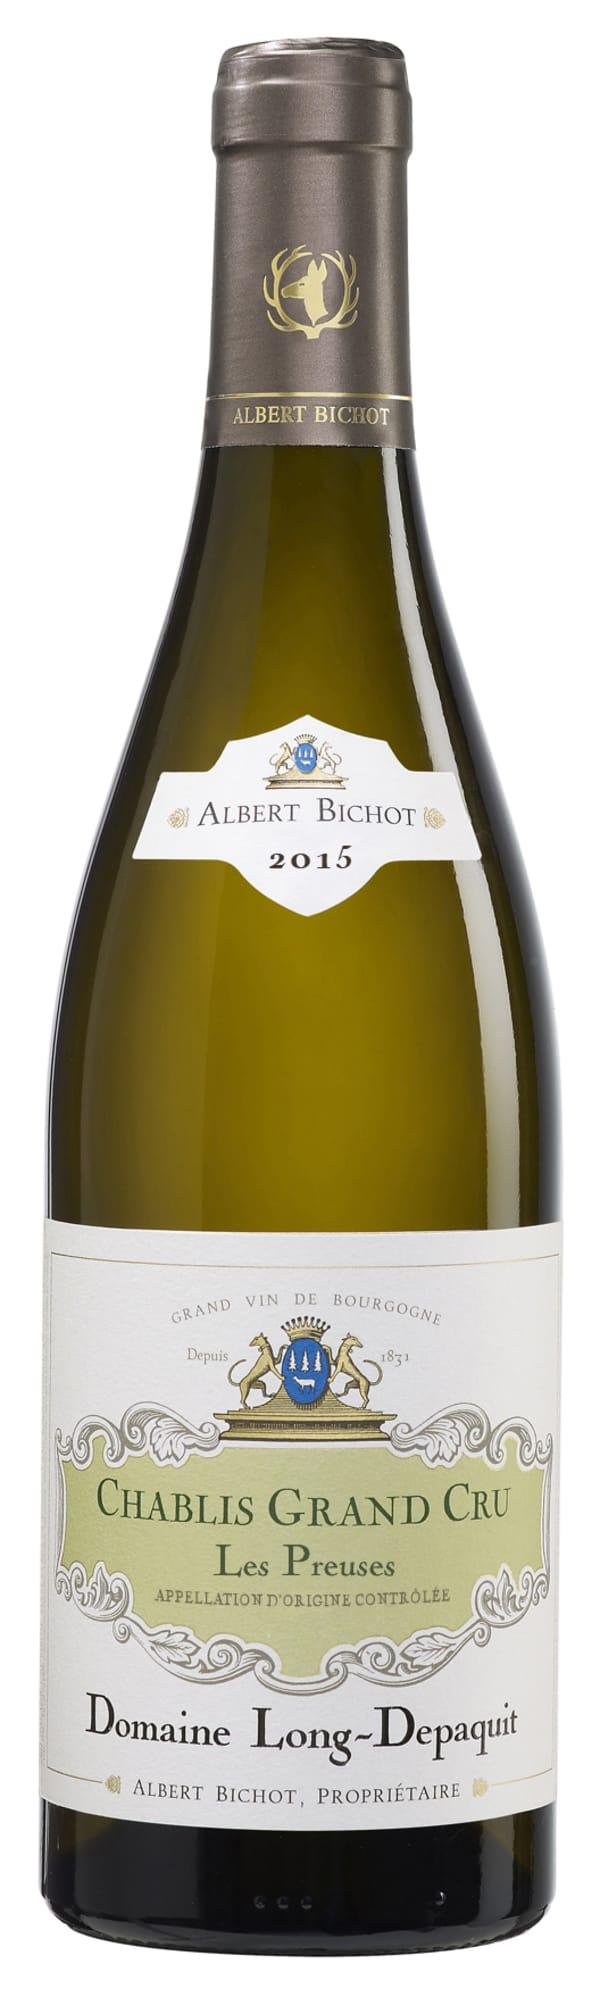 Albert Bichot Domaine Long-Depaquit Chablis Grand Cru Les Preuses 2015